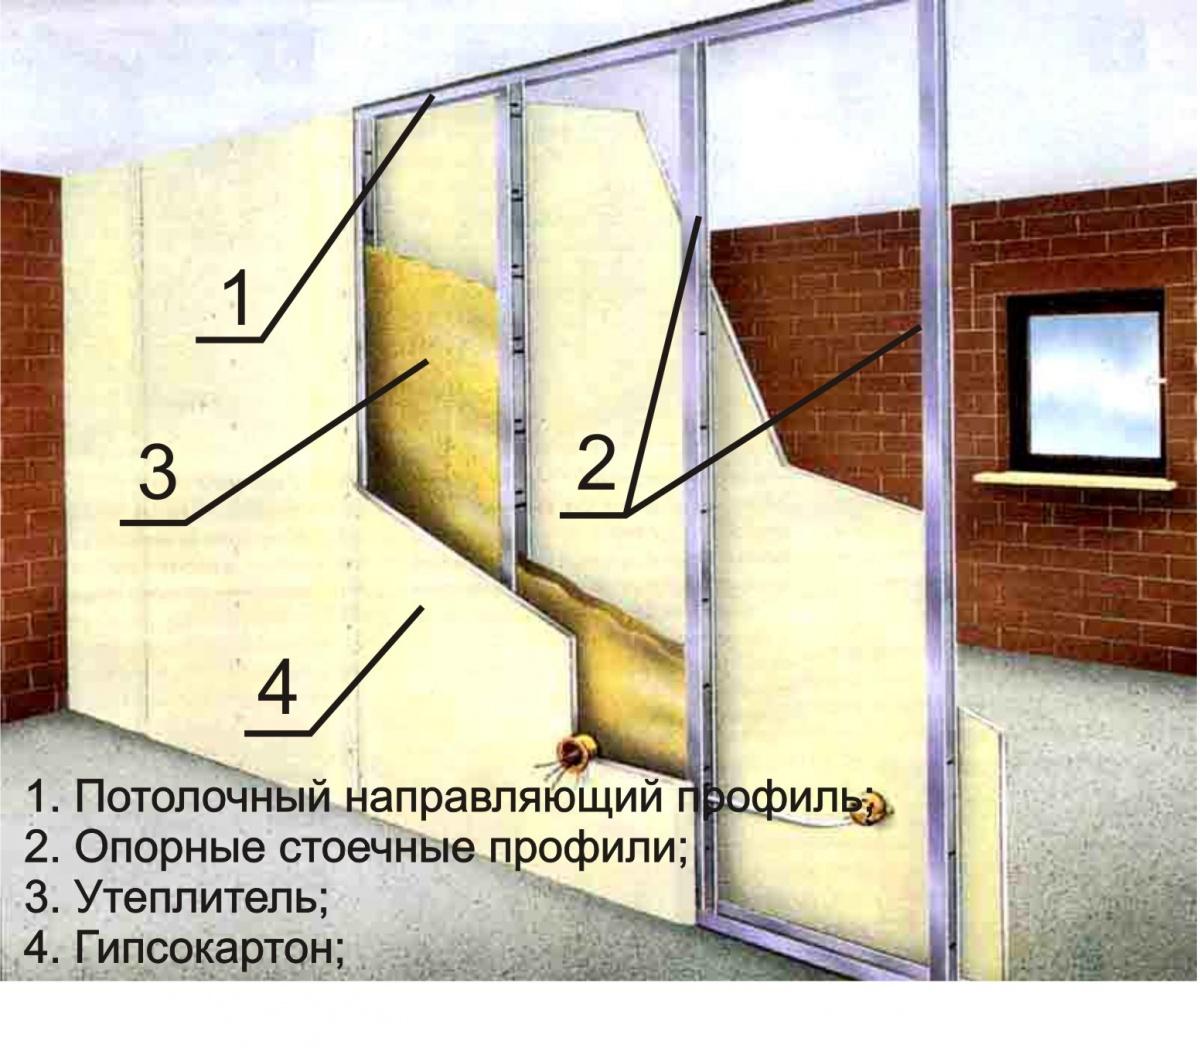 Свойства гипсокартона - характеристики гипсокартонных листов.